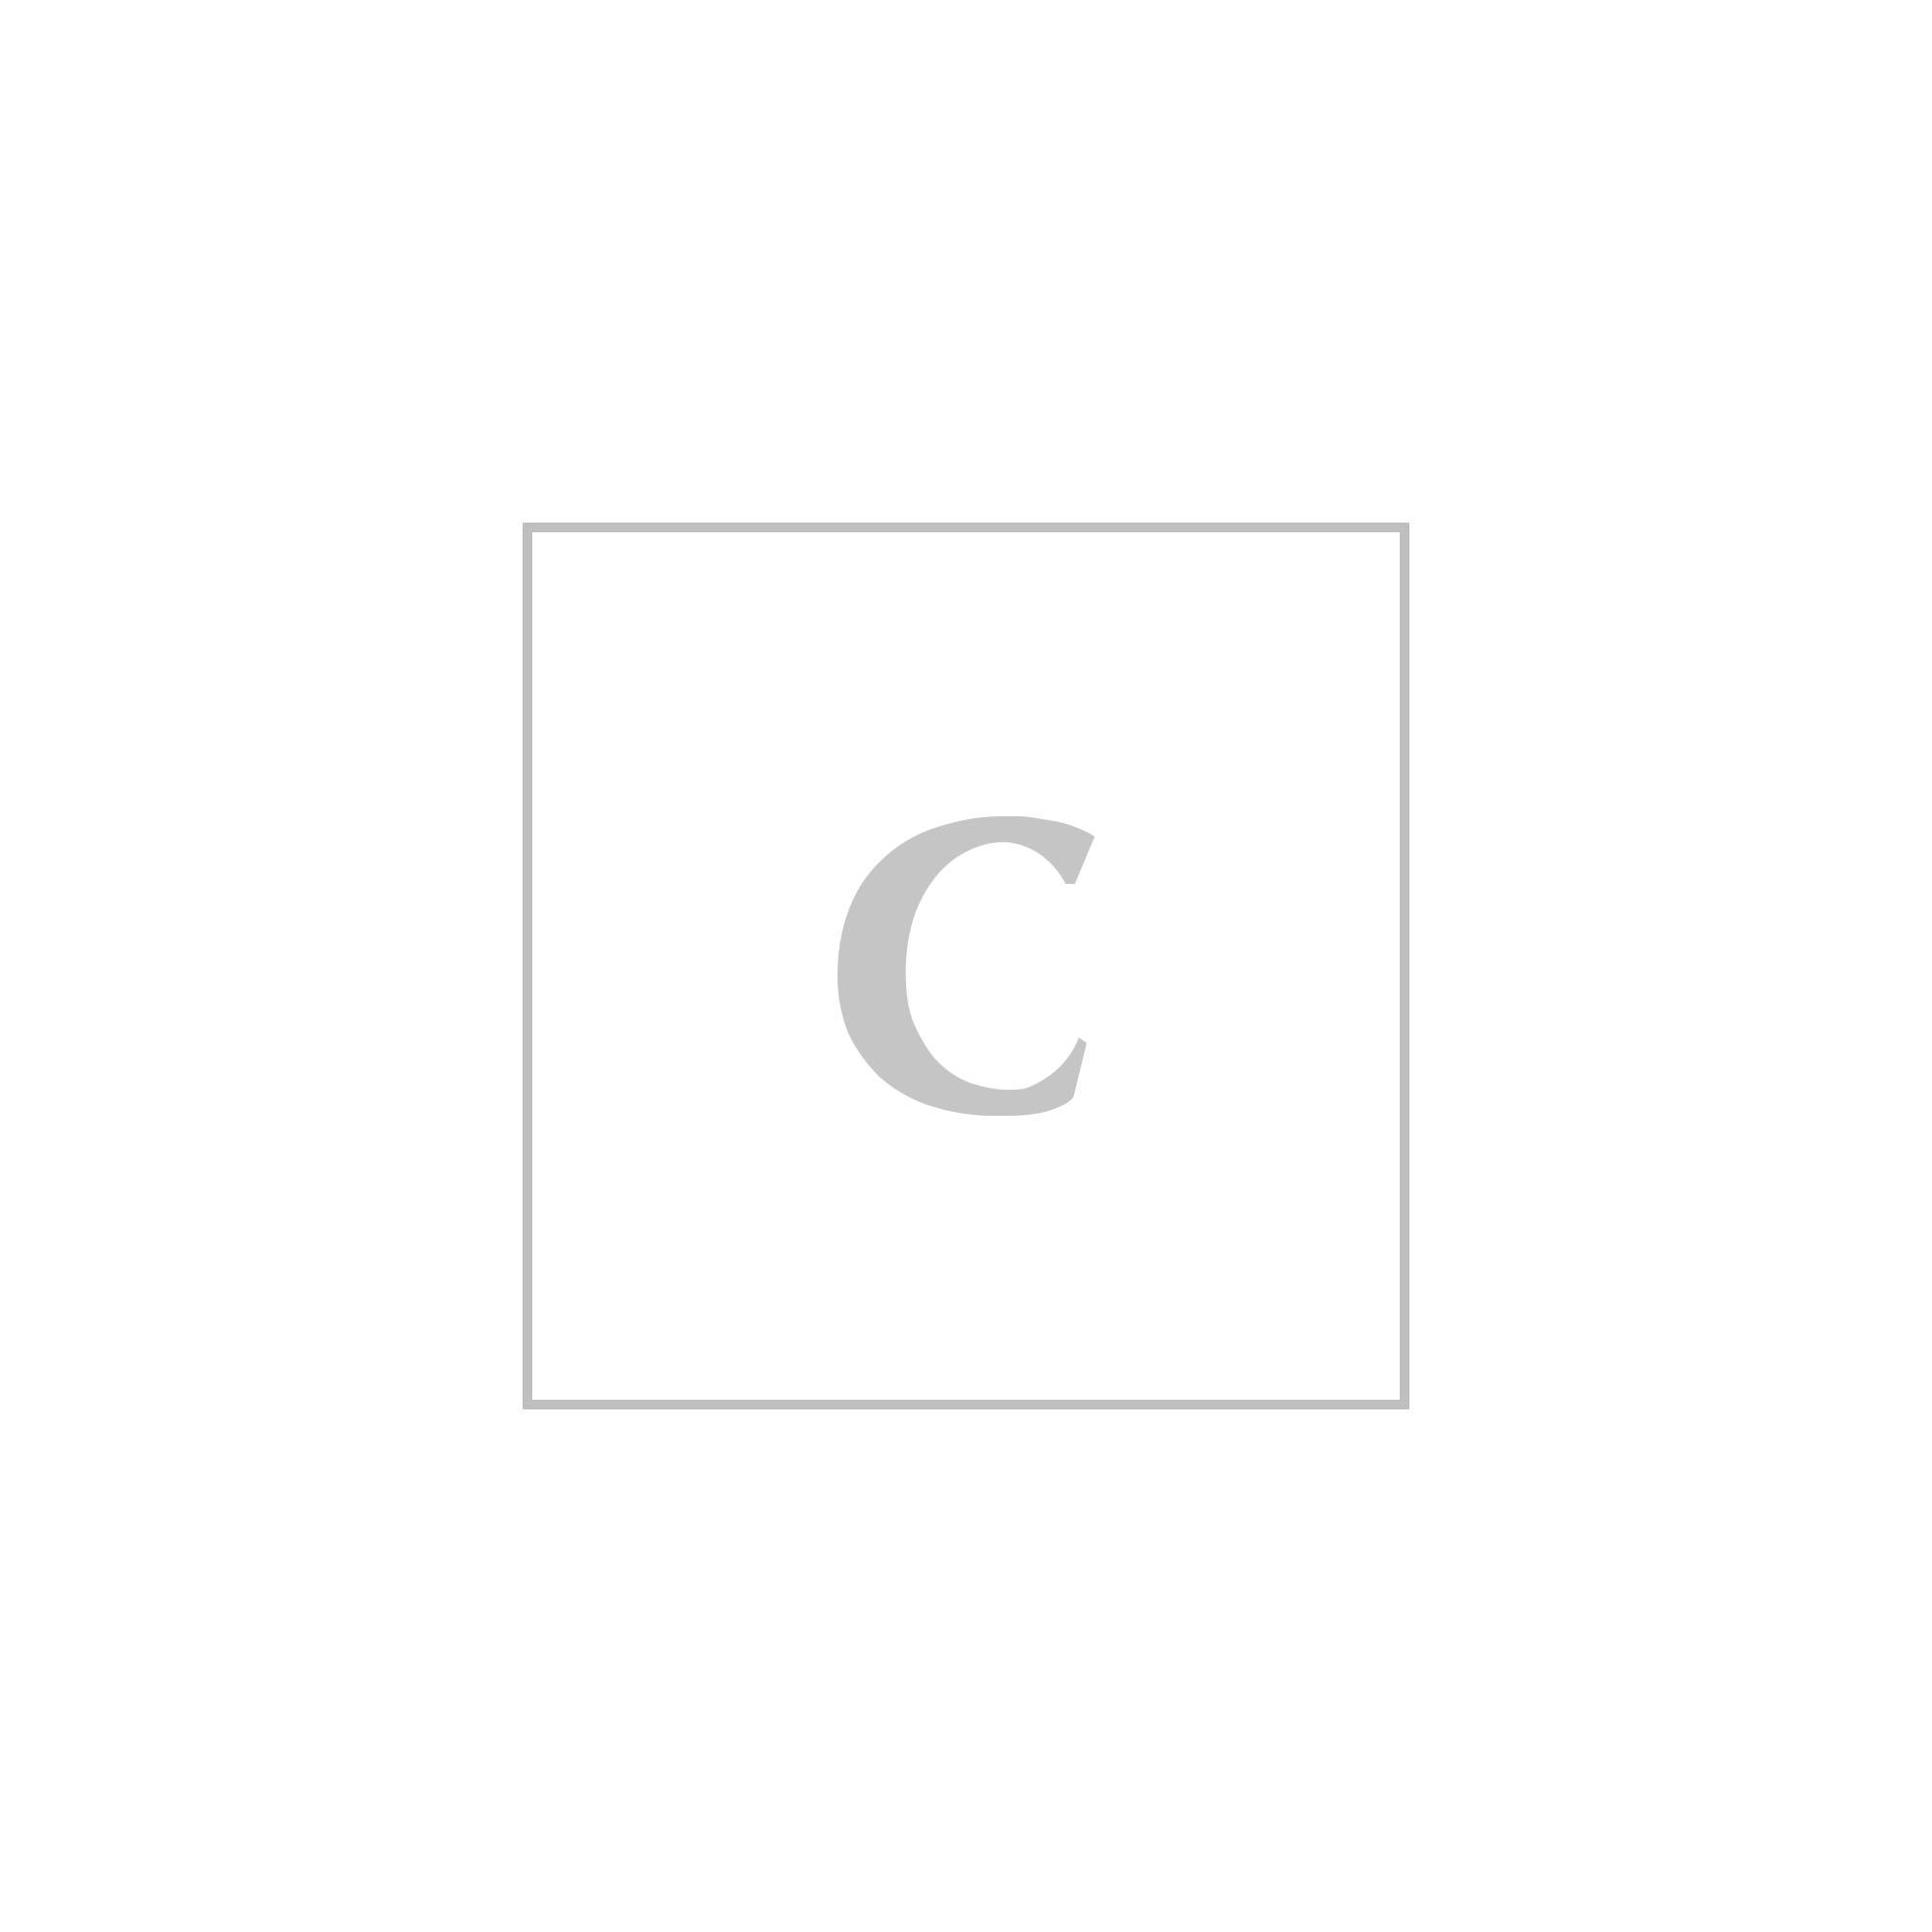 Stella mccartney borsa falabella small tote